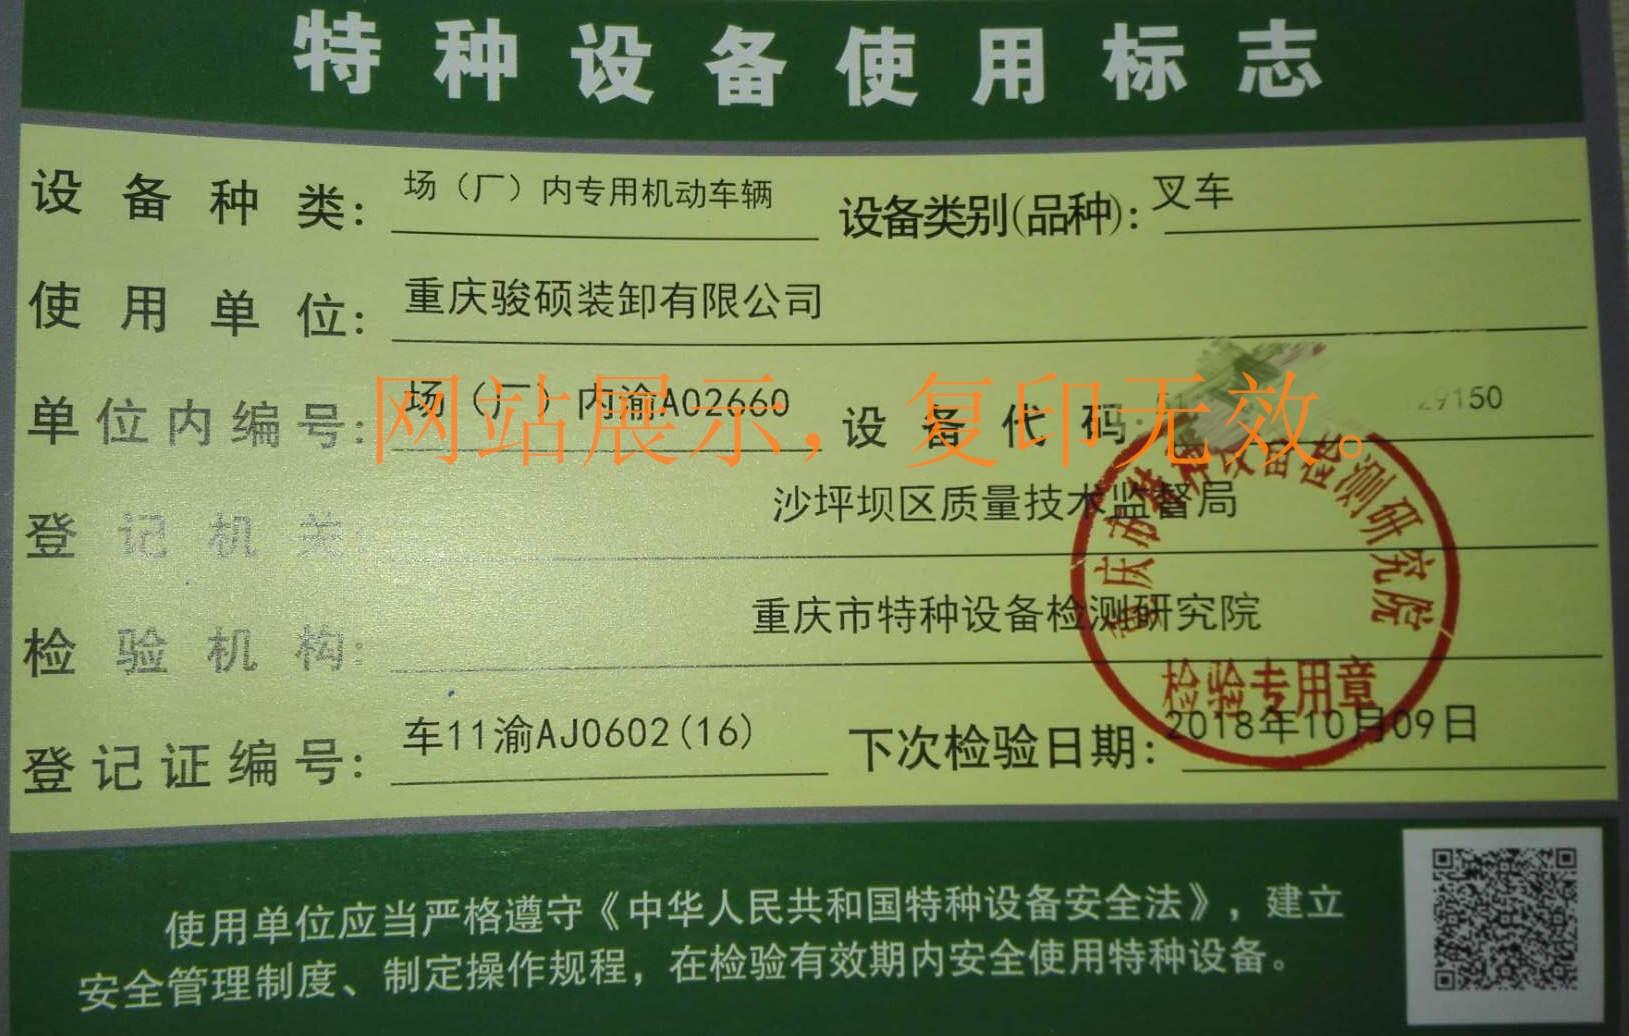 万博manbetx官网电脑吊车出租之特种设备使用标志